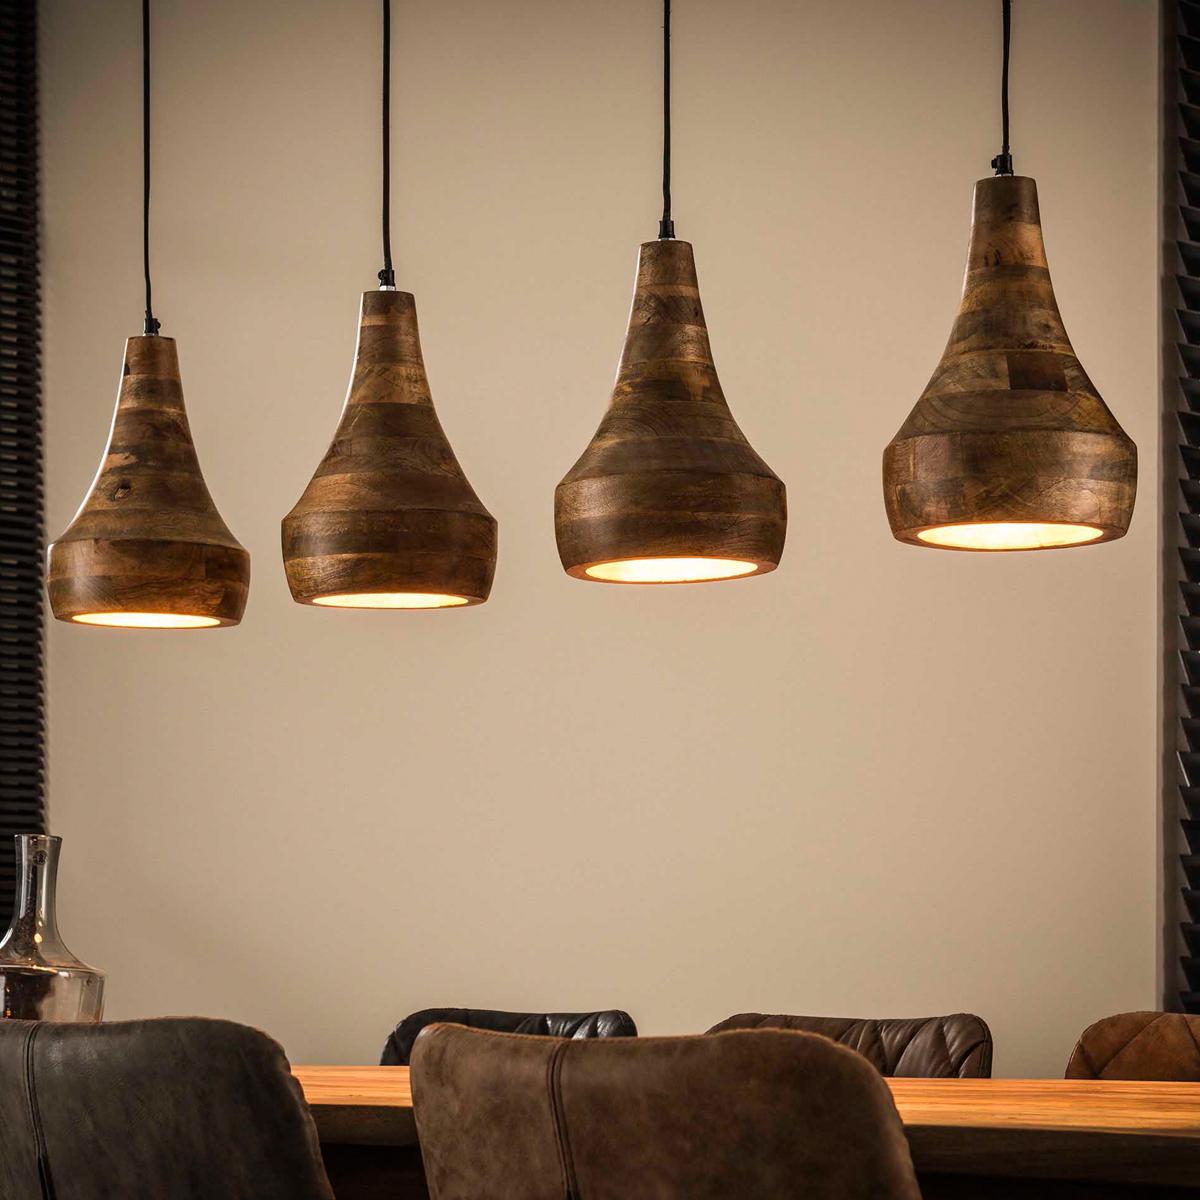 Mangohouten 4-lichts hanglamp